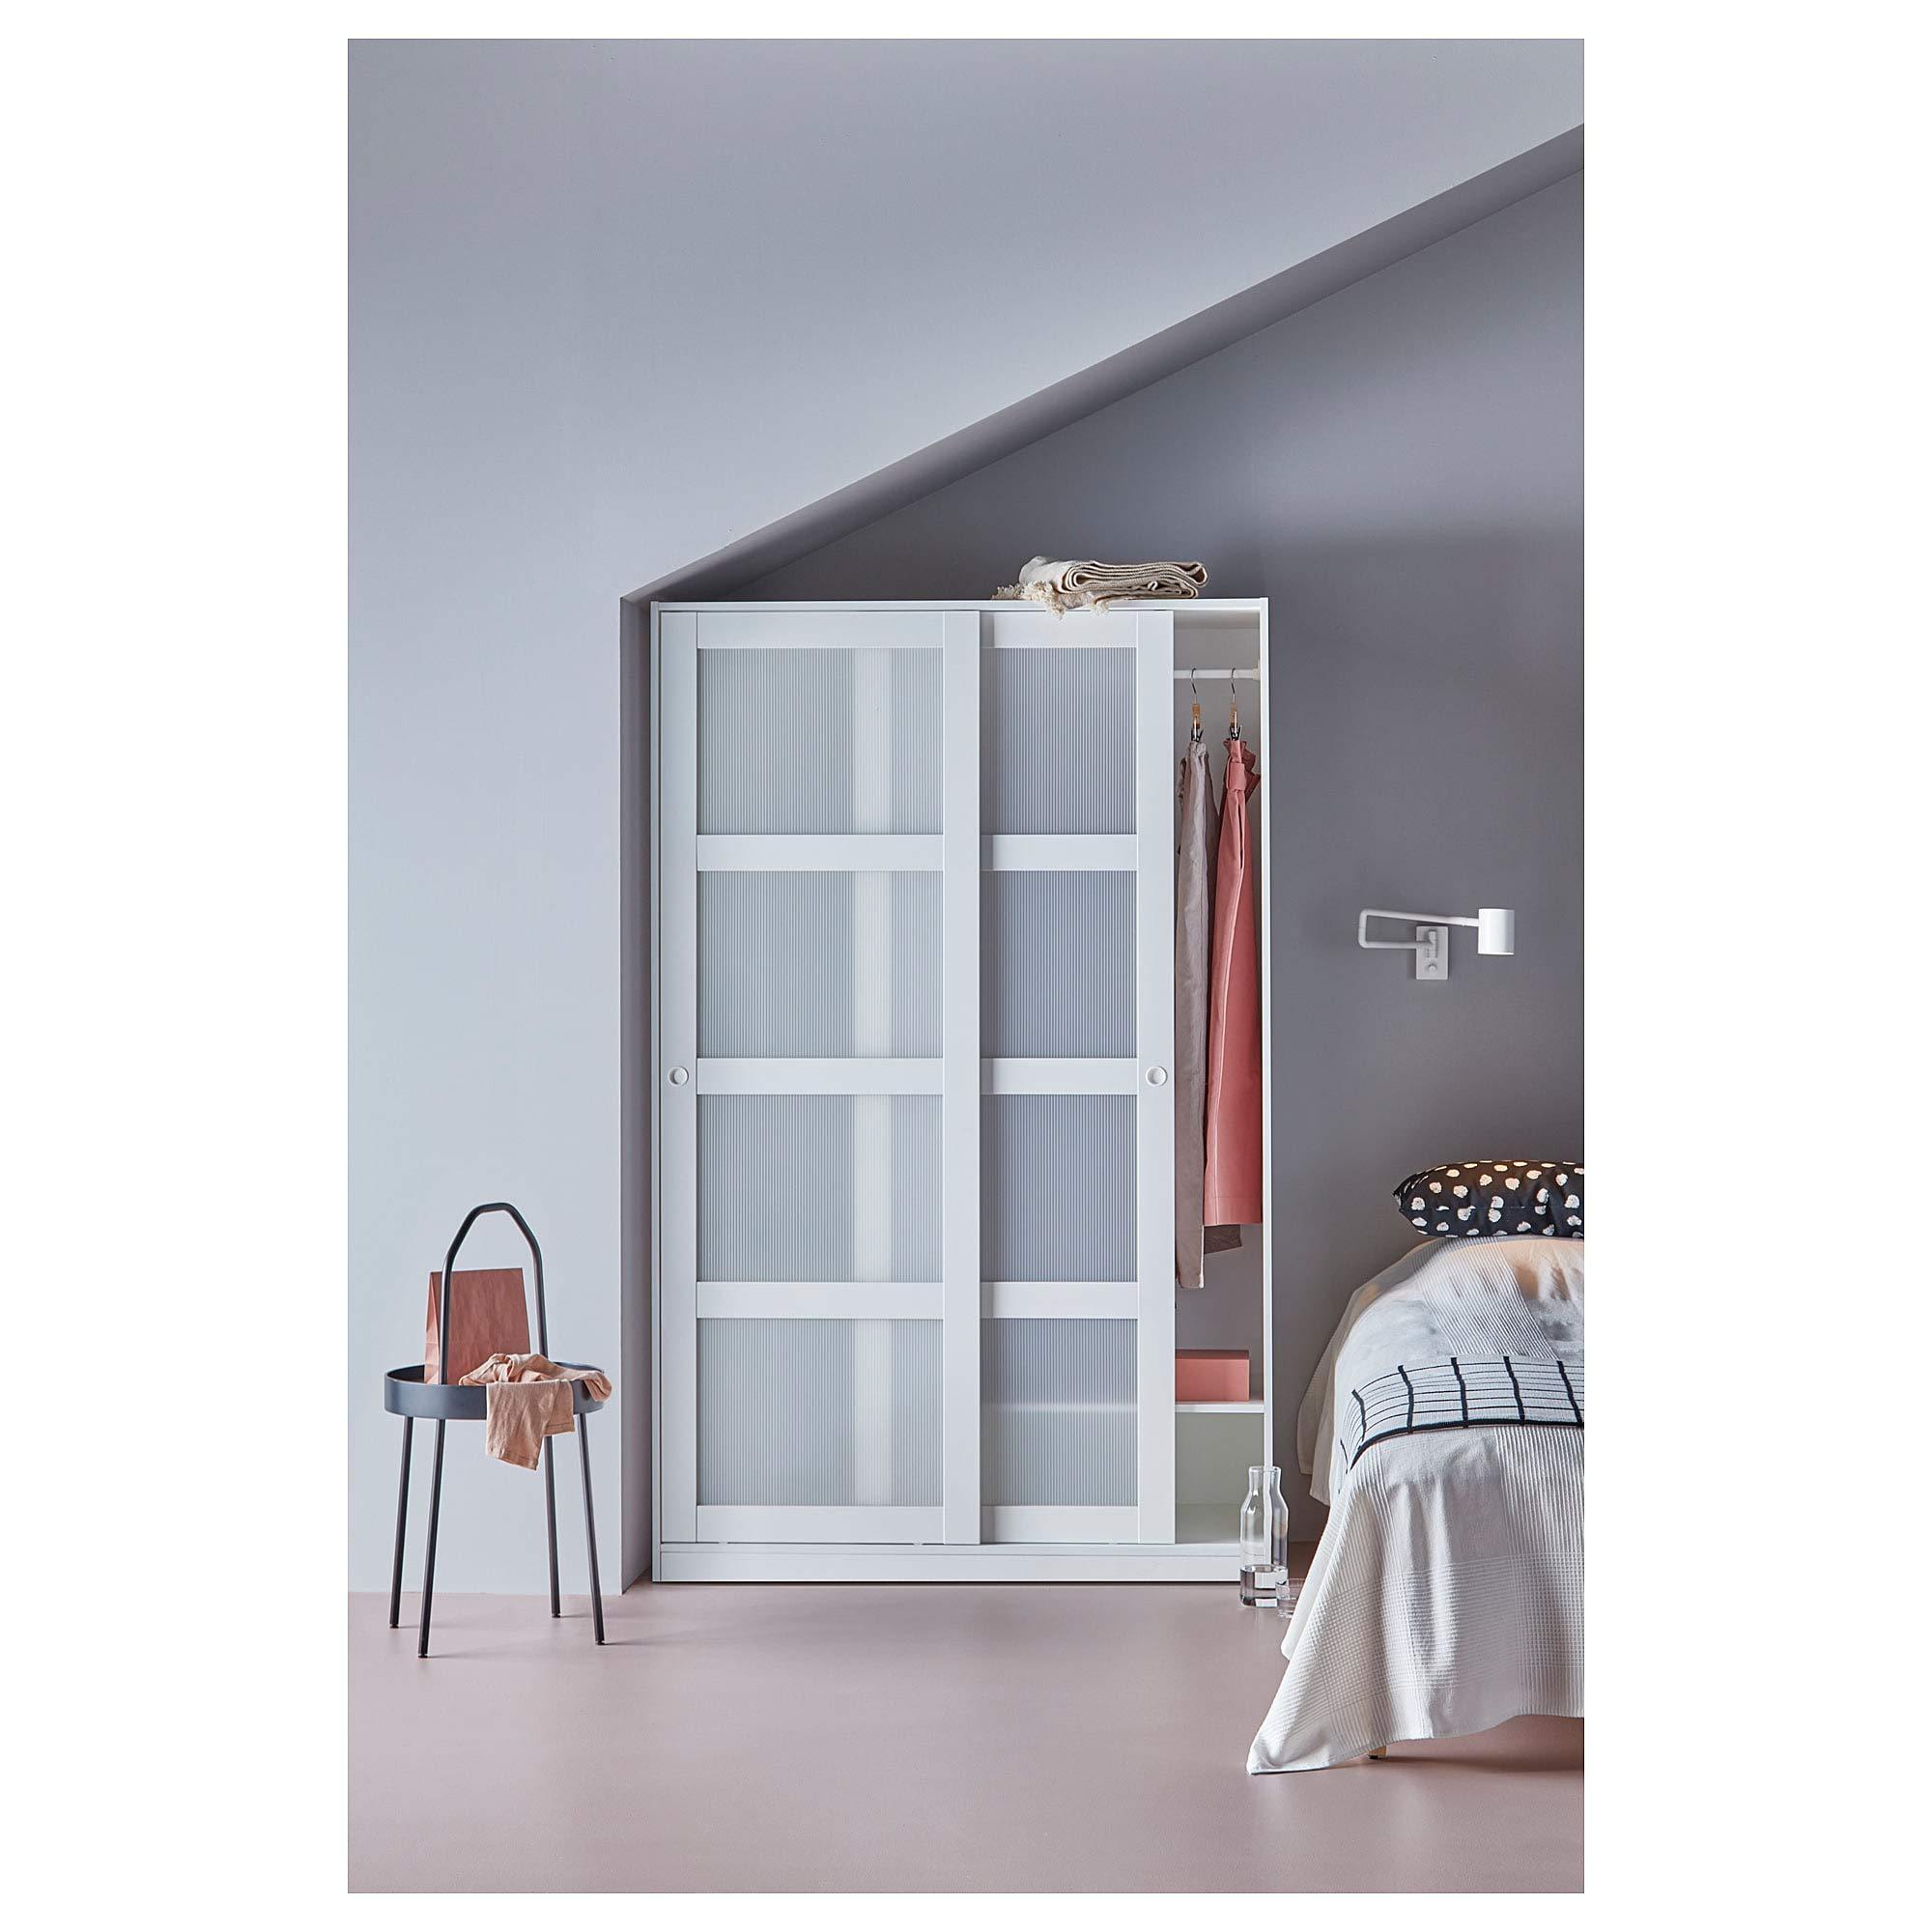 Ikea 1826.888.346 - Armario con 2 puertas correderas, color blanco ...